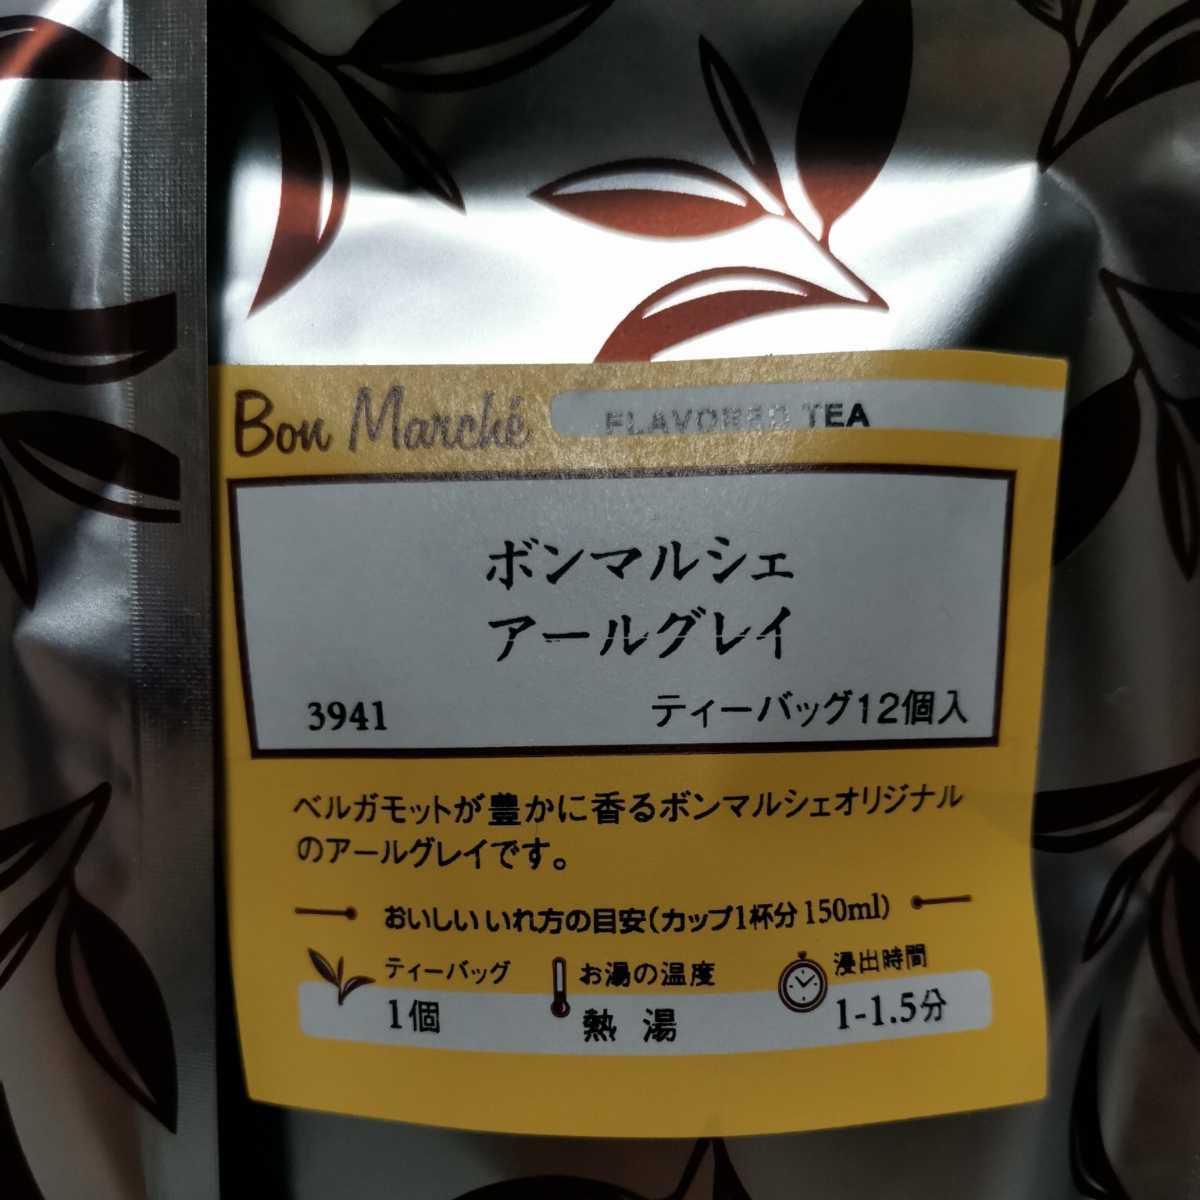 ルピシア フレーバーティー 4種類セット ティーバッグ エトワールロゼ 深蒸し煎茶 アールグレイ ルイボスティー_画像4